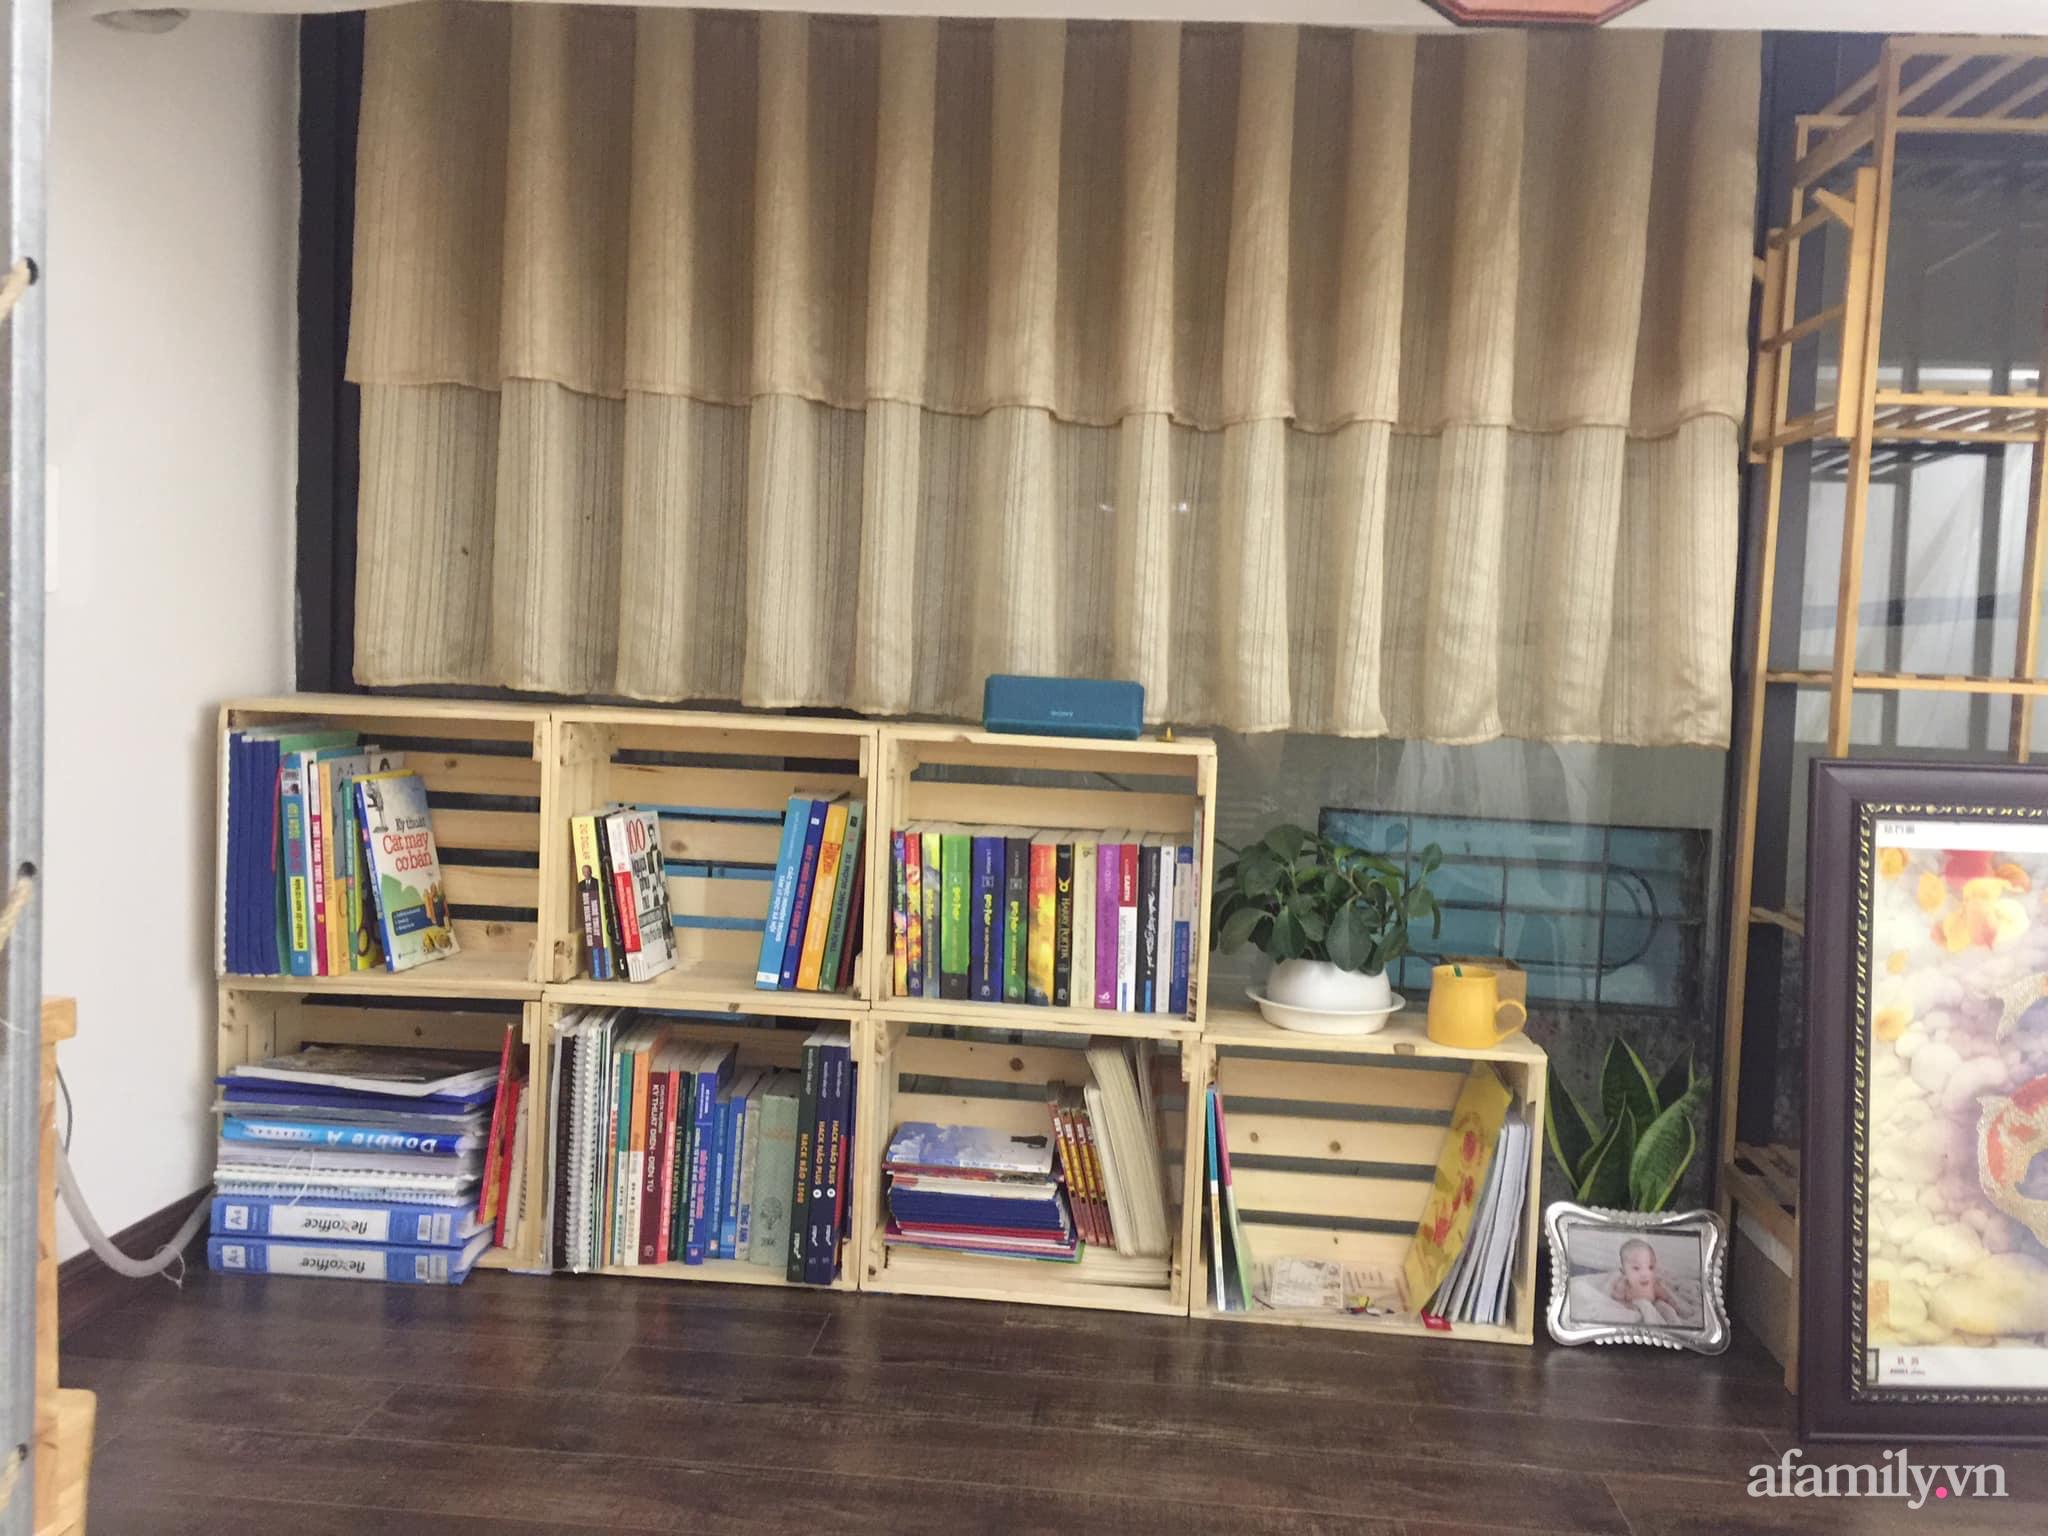 Chán cảnh thuê nhà, vợ chồng trẻ tích cóp tiền cải tạo nhà phố 20m² thành tổ ấm lý tưởng ở Hà Nội - Ảnh 7.